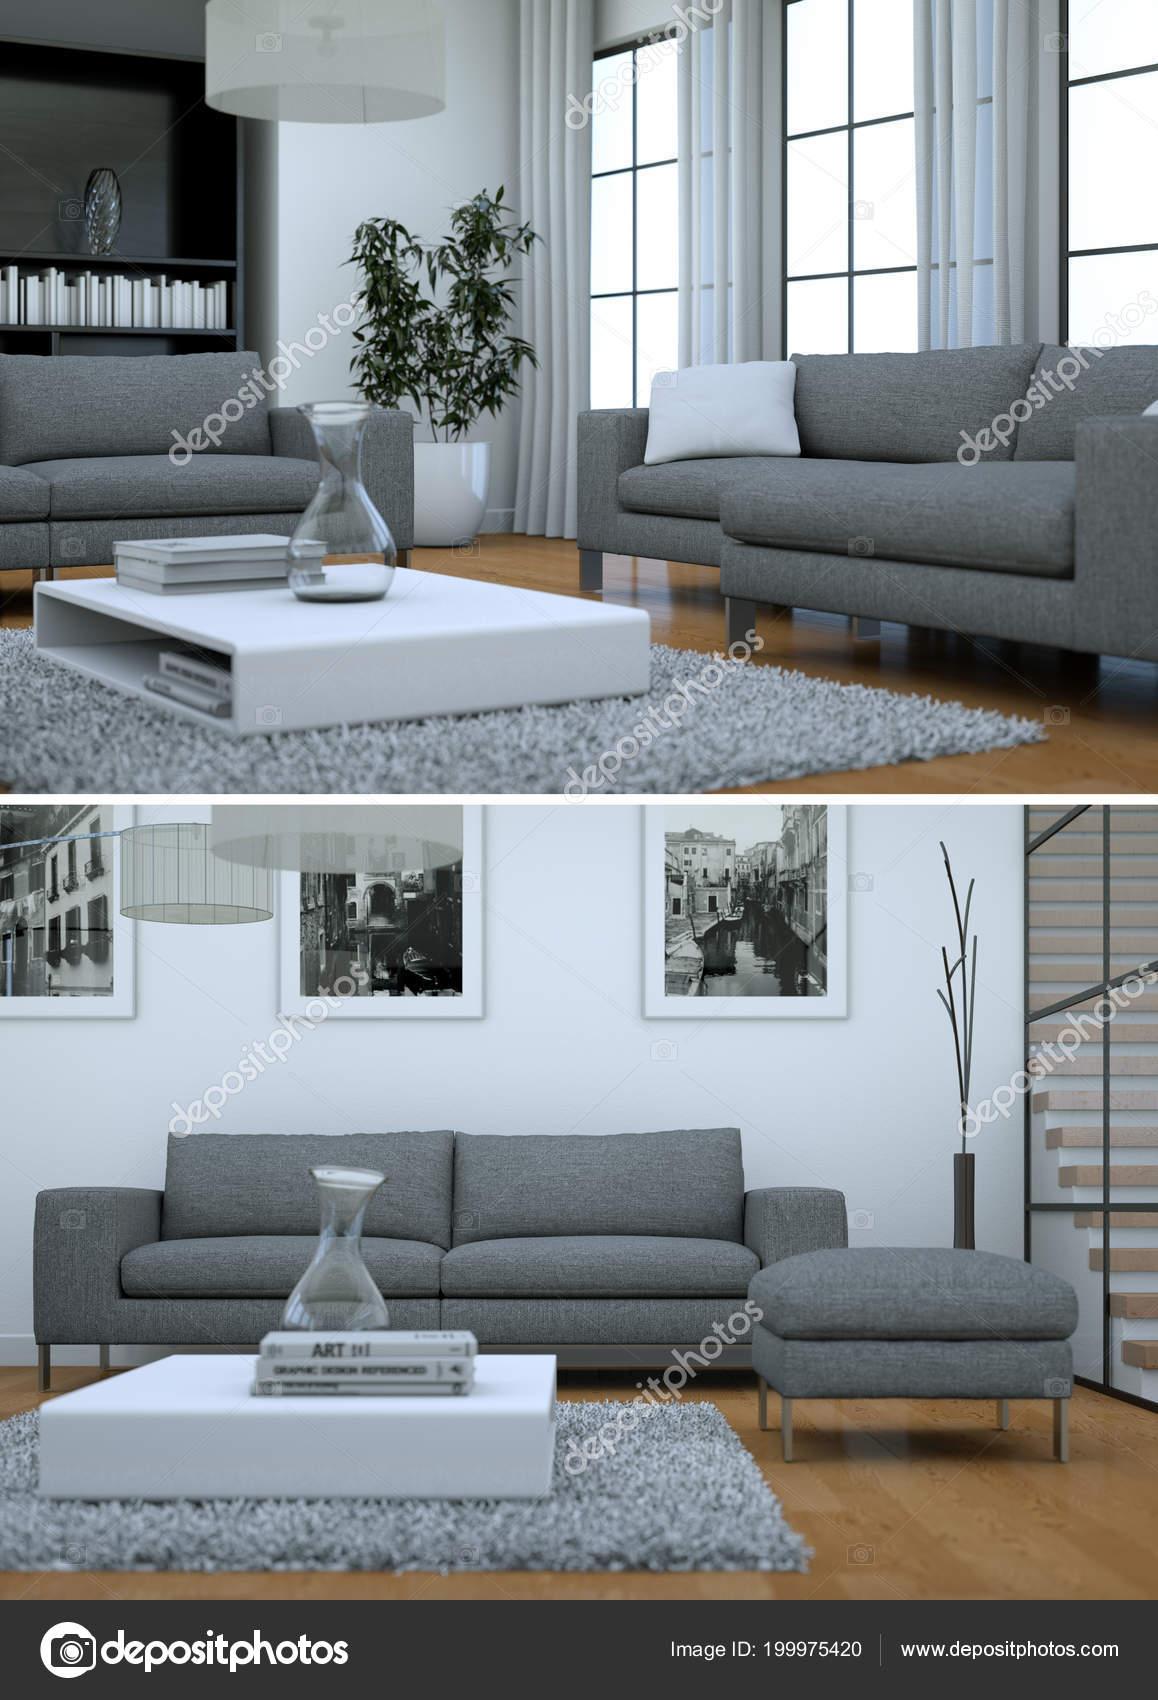 Divani Moderni Grigi.Due Viste Di Interni Moderni Loft Di Design Con Divani Grigi